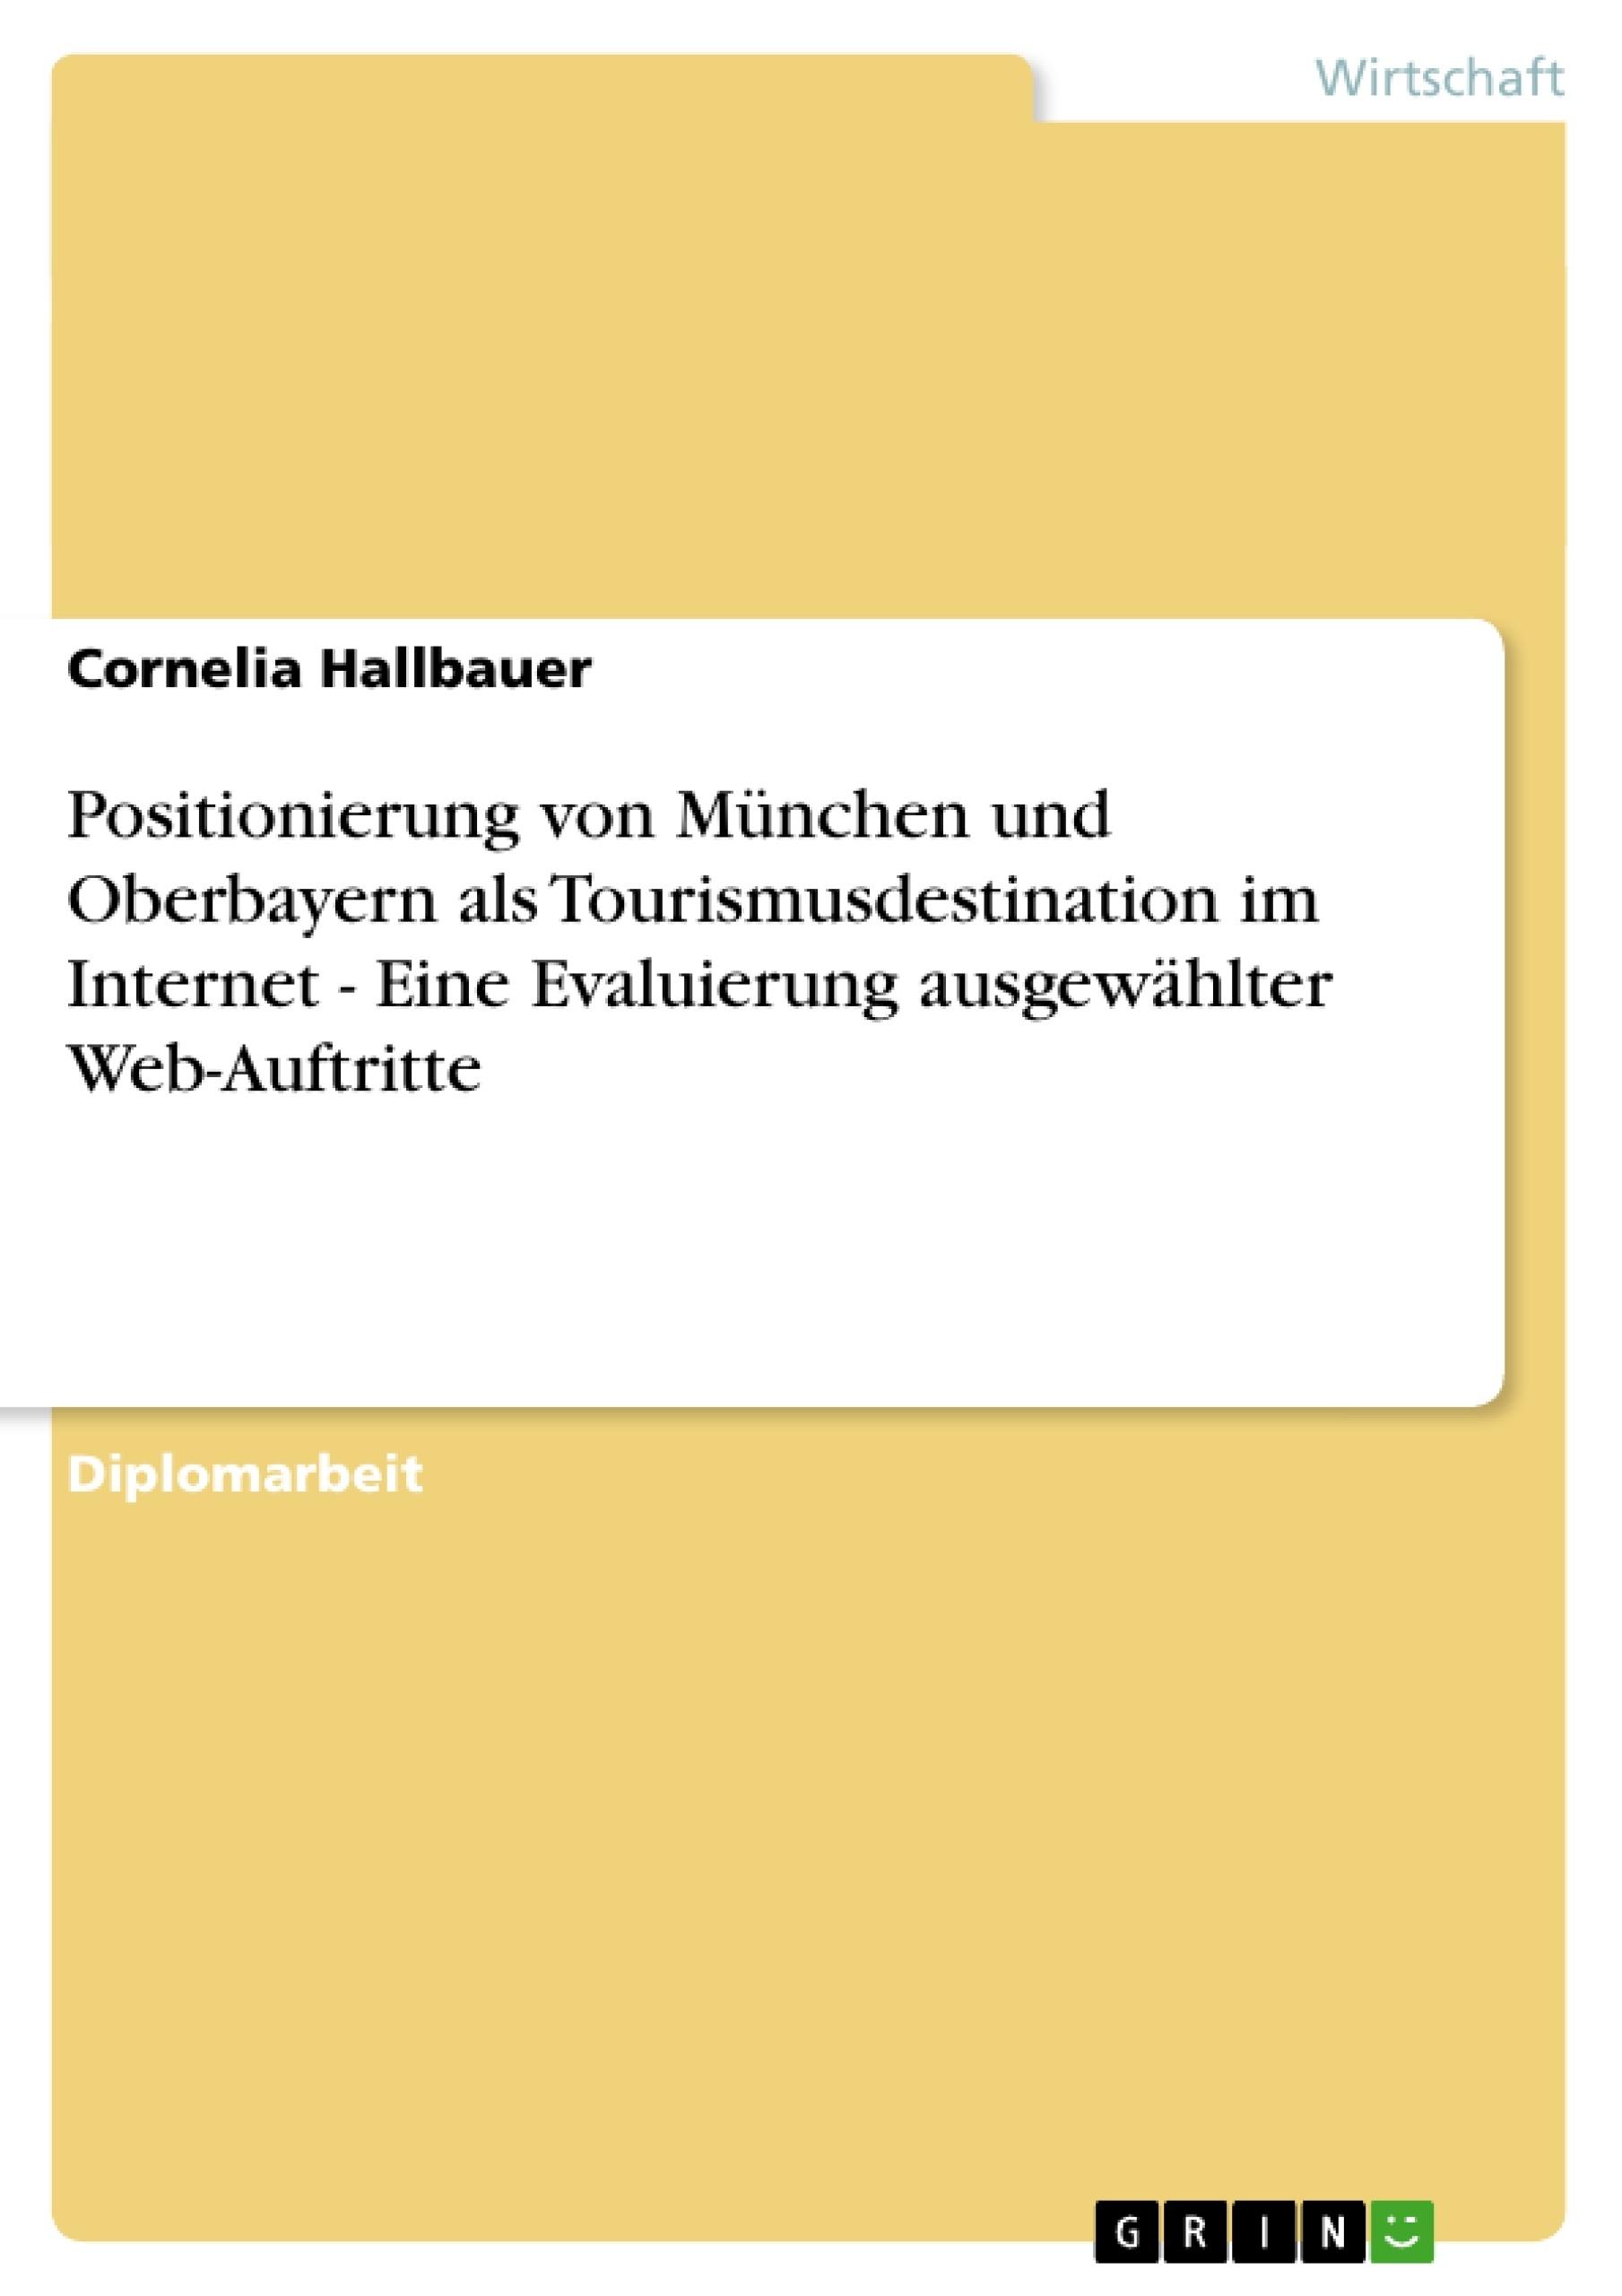 Titel: Positionierung  von  München und Oberbayern als Tourismusdestination im Internet - Eine Evaluierung ausgewählter Web-Auftritte